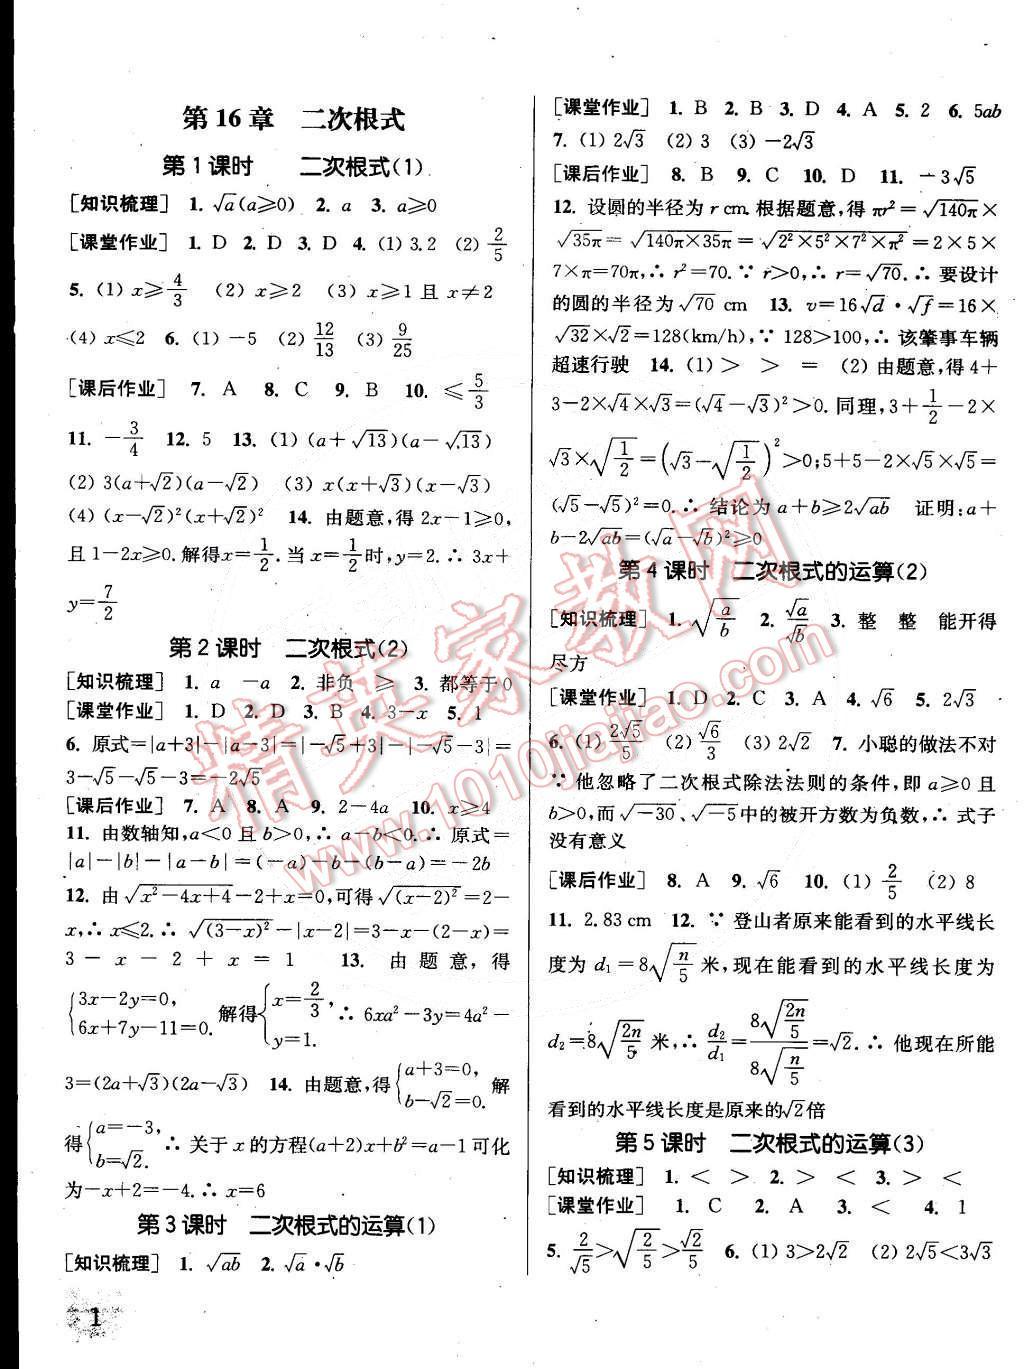 2015年通城学典课时作业本八年级数学下册沪科版第1页